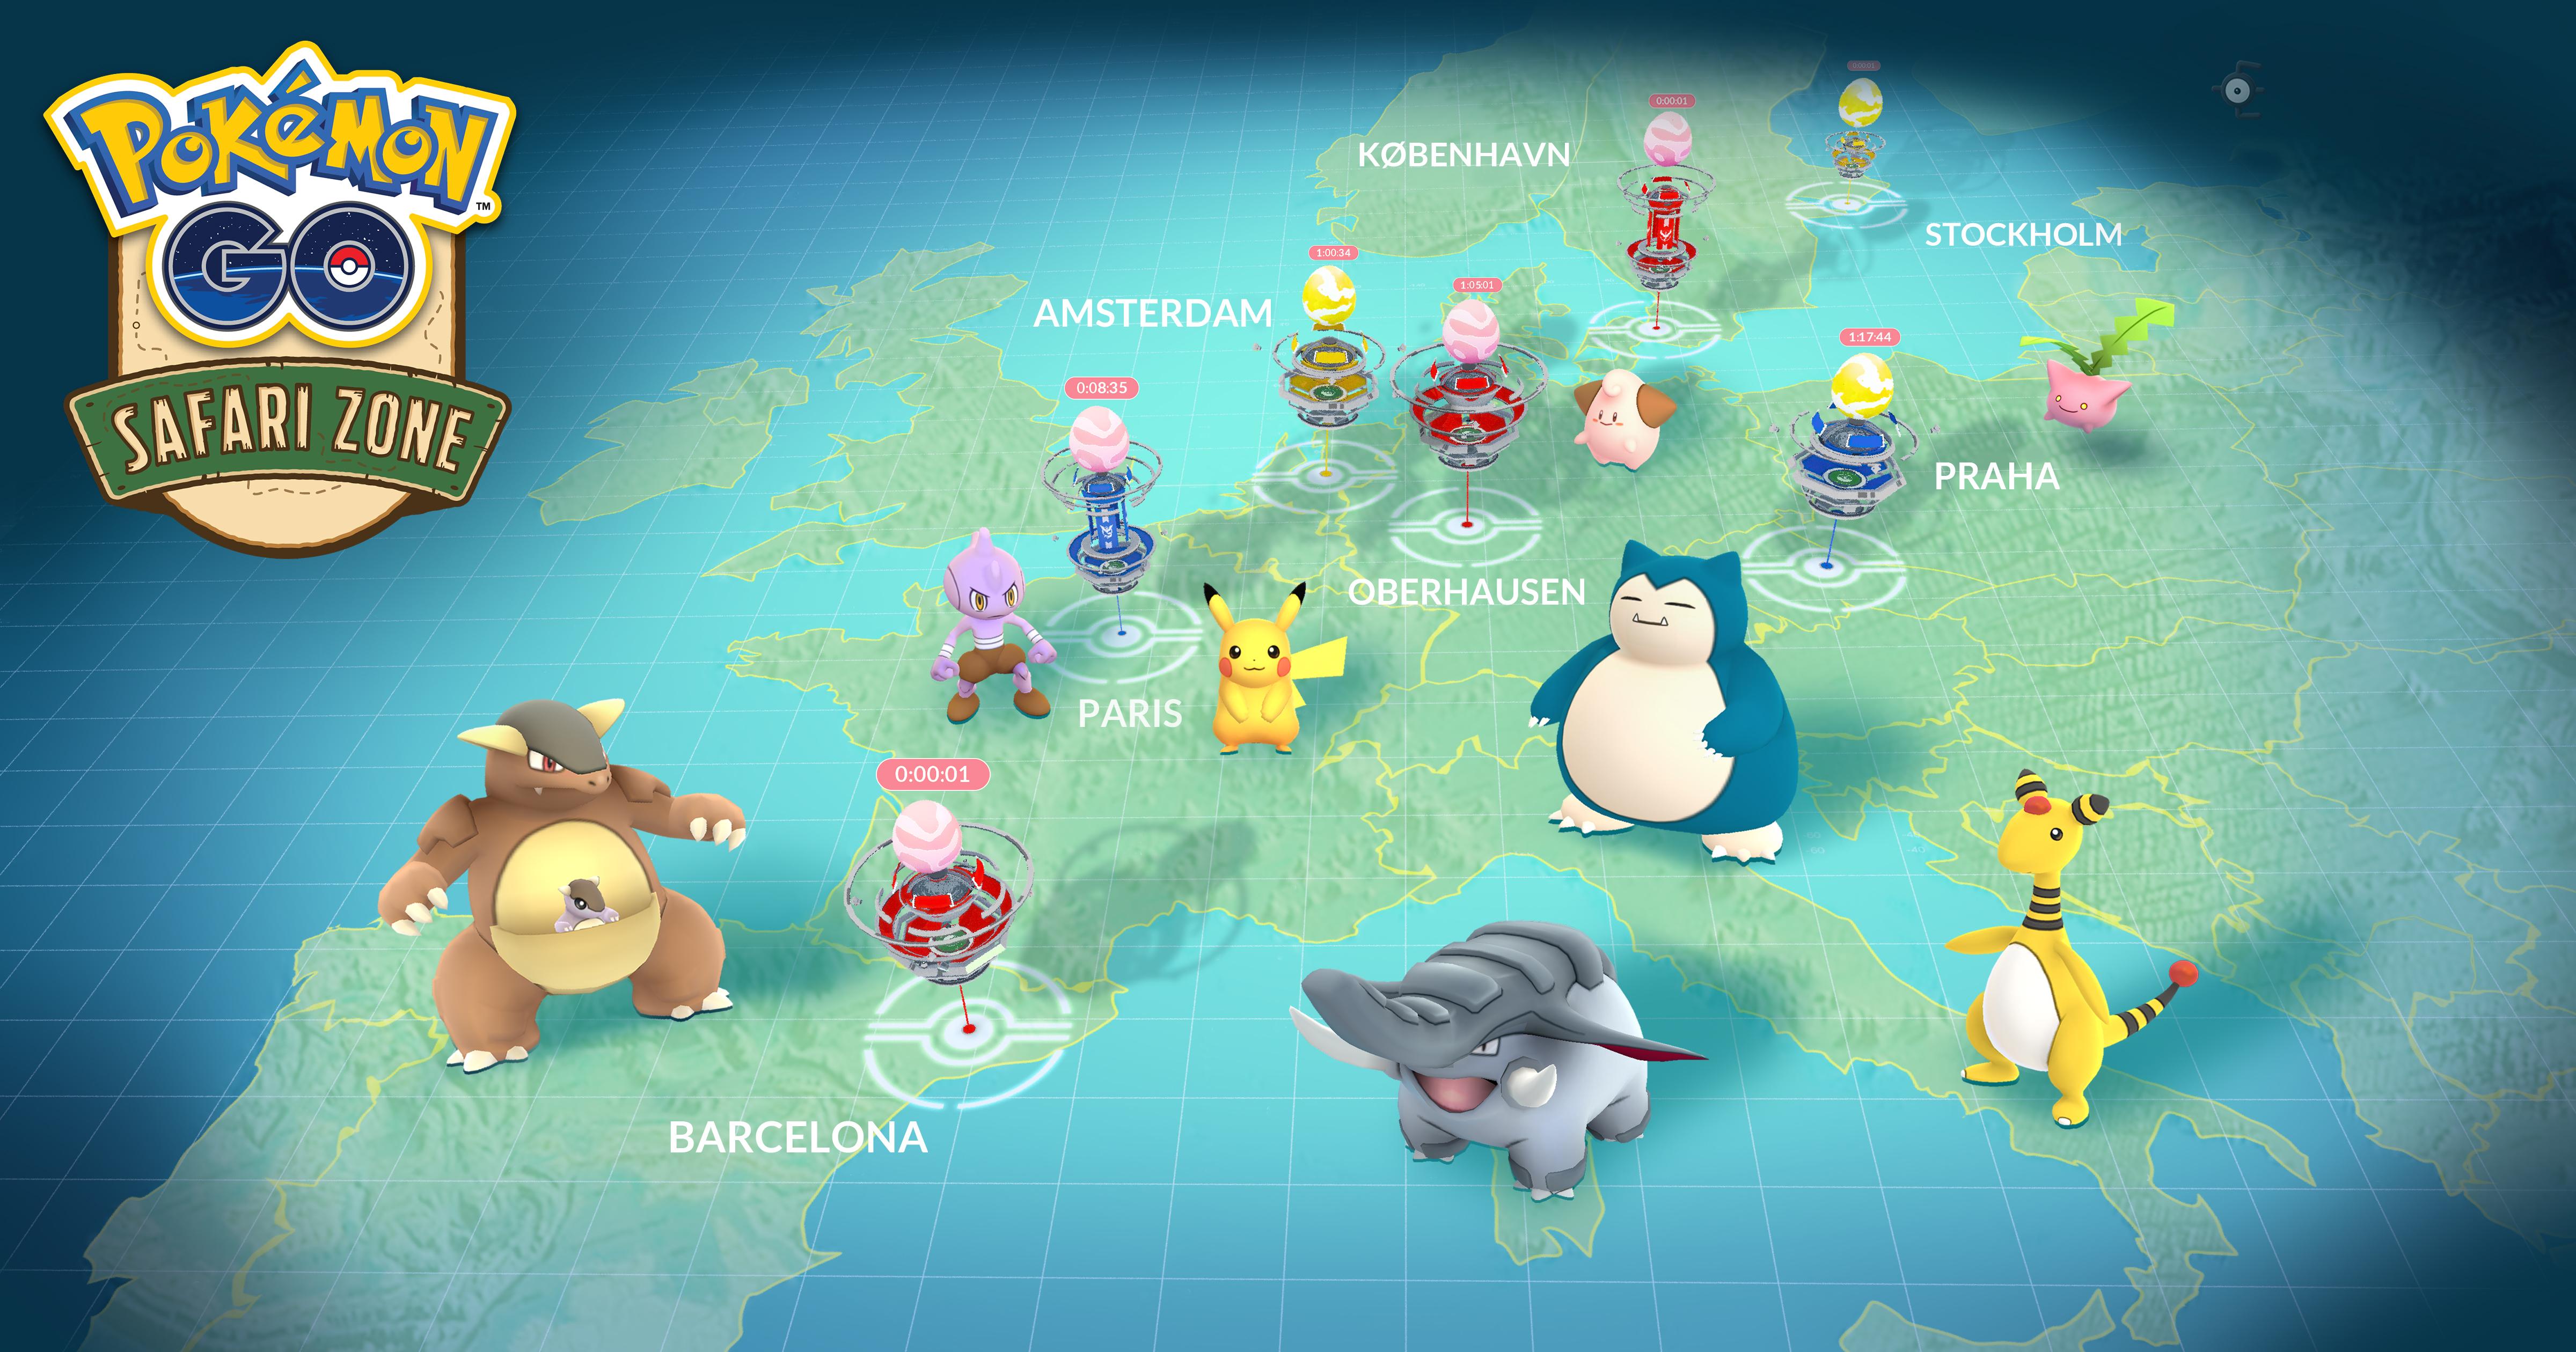 Seltene Pokémon in europäischen Städten